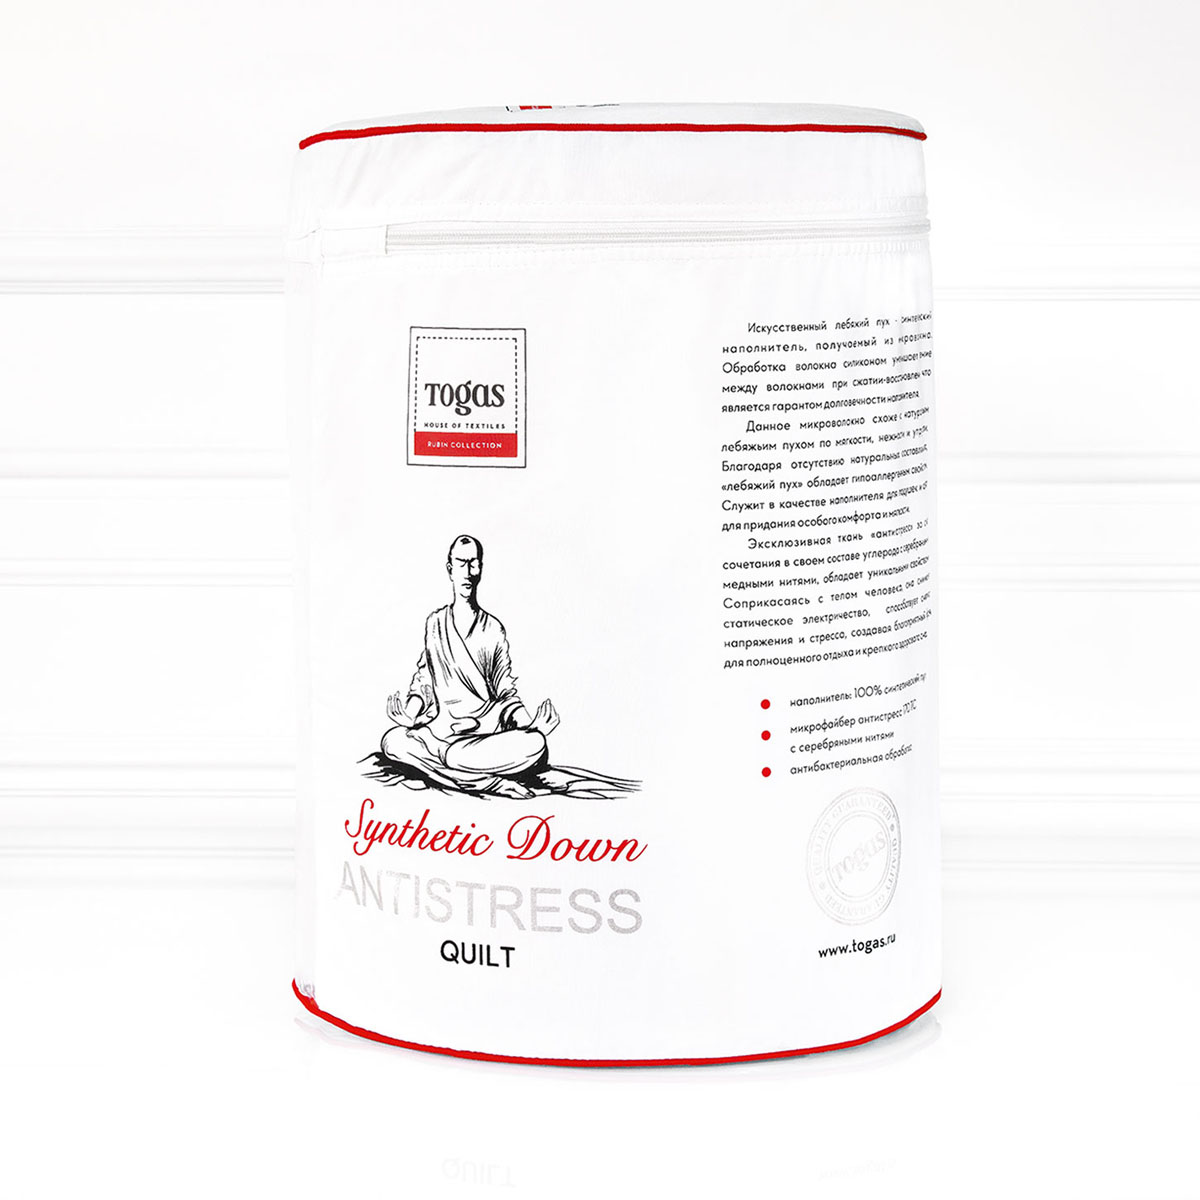 Одеяло Togas Антистресс Плюс, 200 х 210 см20.04.12.0026Признайтесь: вы об этом мечтали... Одеяло, которое, подобное капсуле здоровья, восстанавливает силы, снимает стресс и напряжение, пока вы спите. Это не сон. Это одеяло Togas Антистресс Плюс.Микрофайбер, из которого сделан чехол, - это высокотехнологичный материал, получаемый благодаря определенным процессам расслоения волокна. К числу его достоинств относятся: прочность, экологическая чистота, гипоаллергенность и гигиеничность. Но в этом одеяле использован не простой микрофайбер. Современные технологии позволили создать уникальную инновационную ткань, которая обладает омолаживающим эффектом, способствует снятию стресса и заботится о вашем здоровье во время сна. Она содержит углерод, а также серебряные и медные нити. Соприкасаясь с телом человека, эта ткань снимает статическое электричество, расслабляет мышцы и регулирует биотоки, создавая благоприятный фон для полноценного отдыха. В качестве наполнителя использован искусственный лебяжий пух, получаемый из микроволокна. Обработка волокна силиконом уменьшает трение между волокнами при сжатии-восстановлении, что является гарантом долговечности наполнителя. По мягкости, нежности и упругости синтетический пух схож с натуральным лебяжьим пухом, но превосходит его по прочности, гипоаллергенности и способности удерживать форму. Уникальный оздоравливающий эффект и безмятежный сон - настоящий подарок в конце каждого дня!